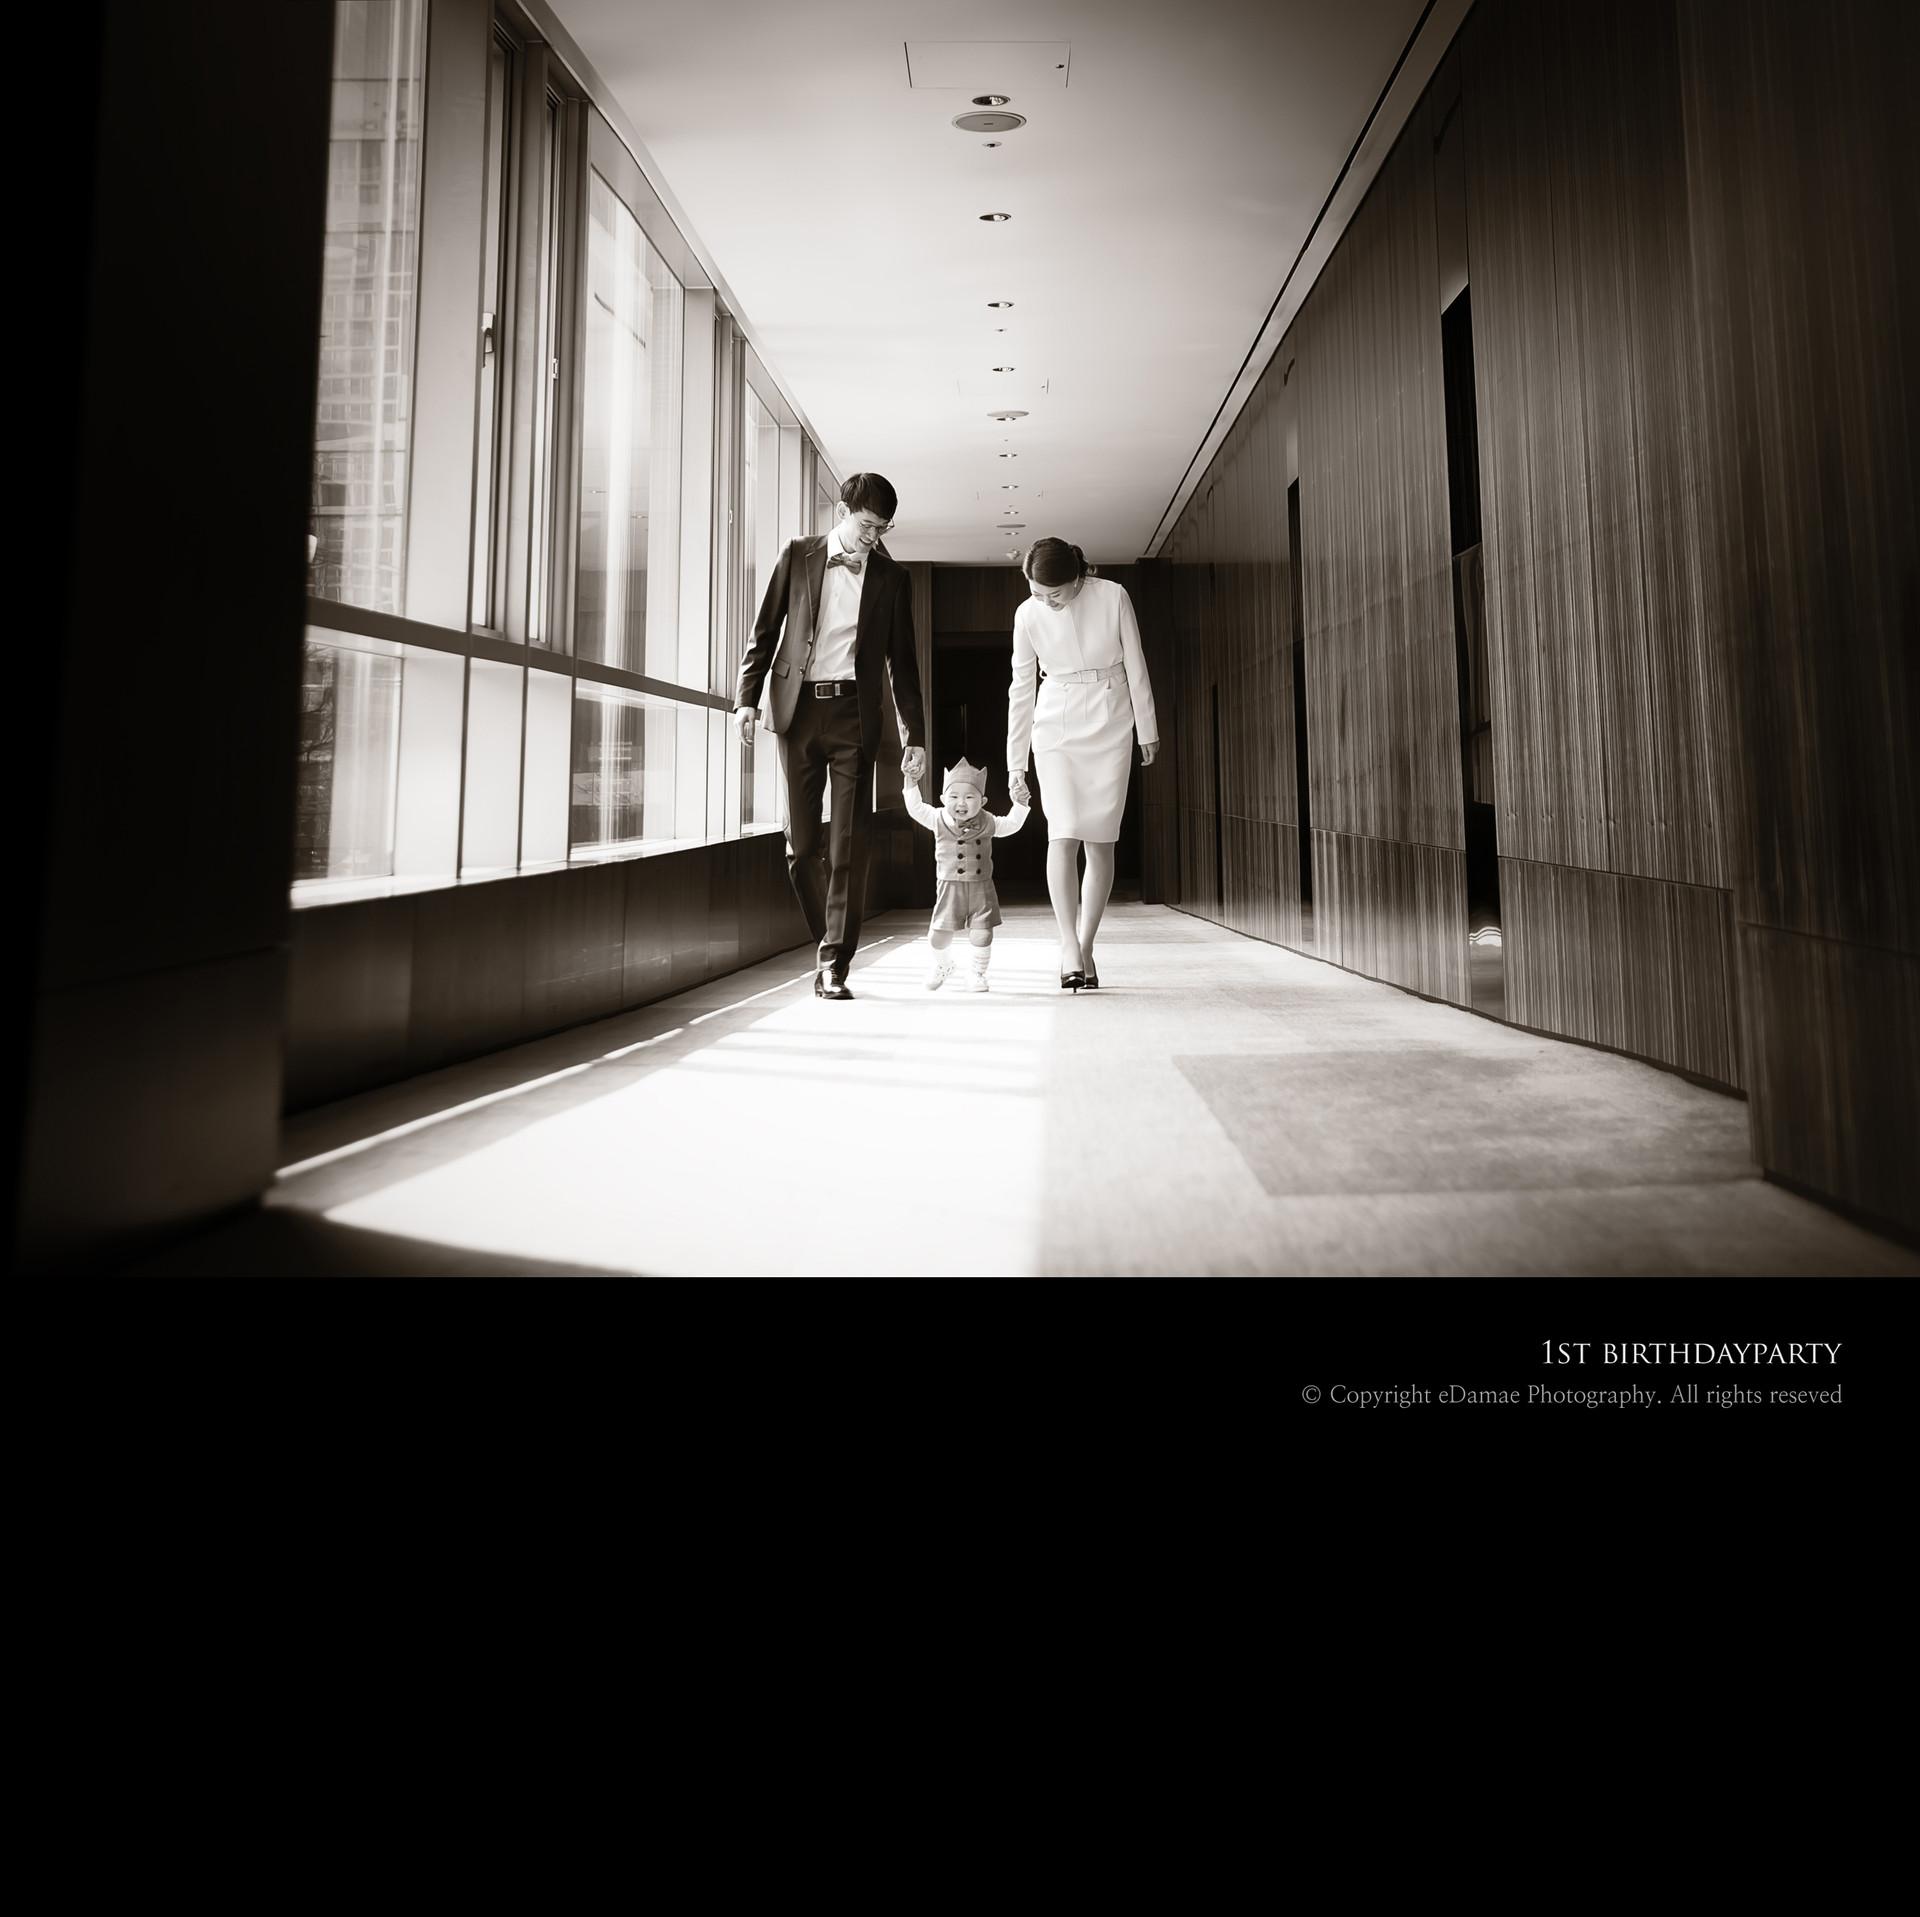 돌스냅가족야외 베스트-edamae1958.jpg